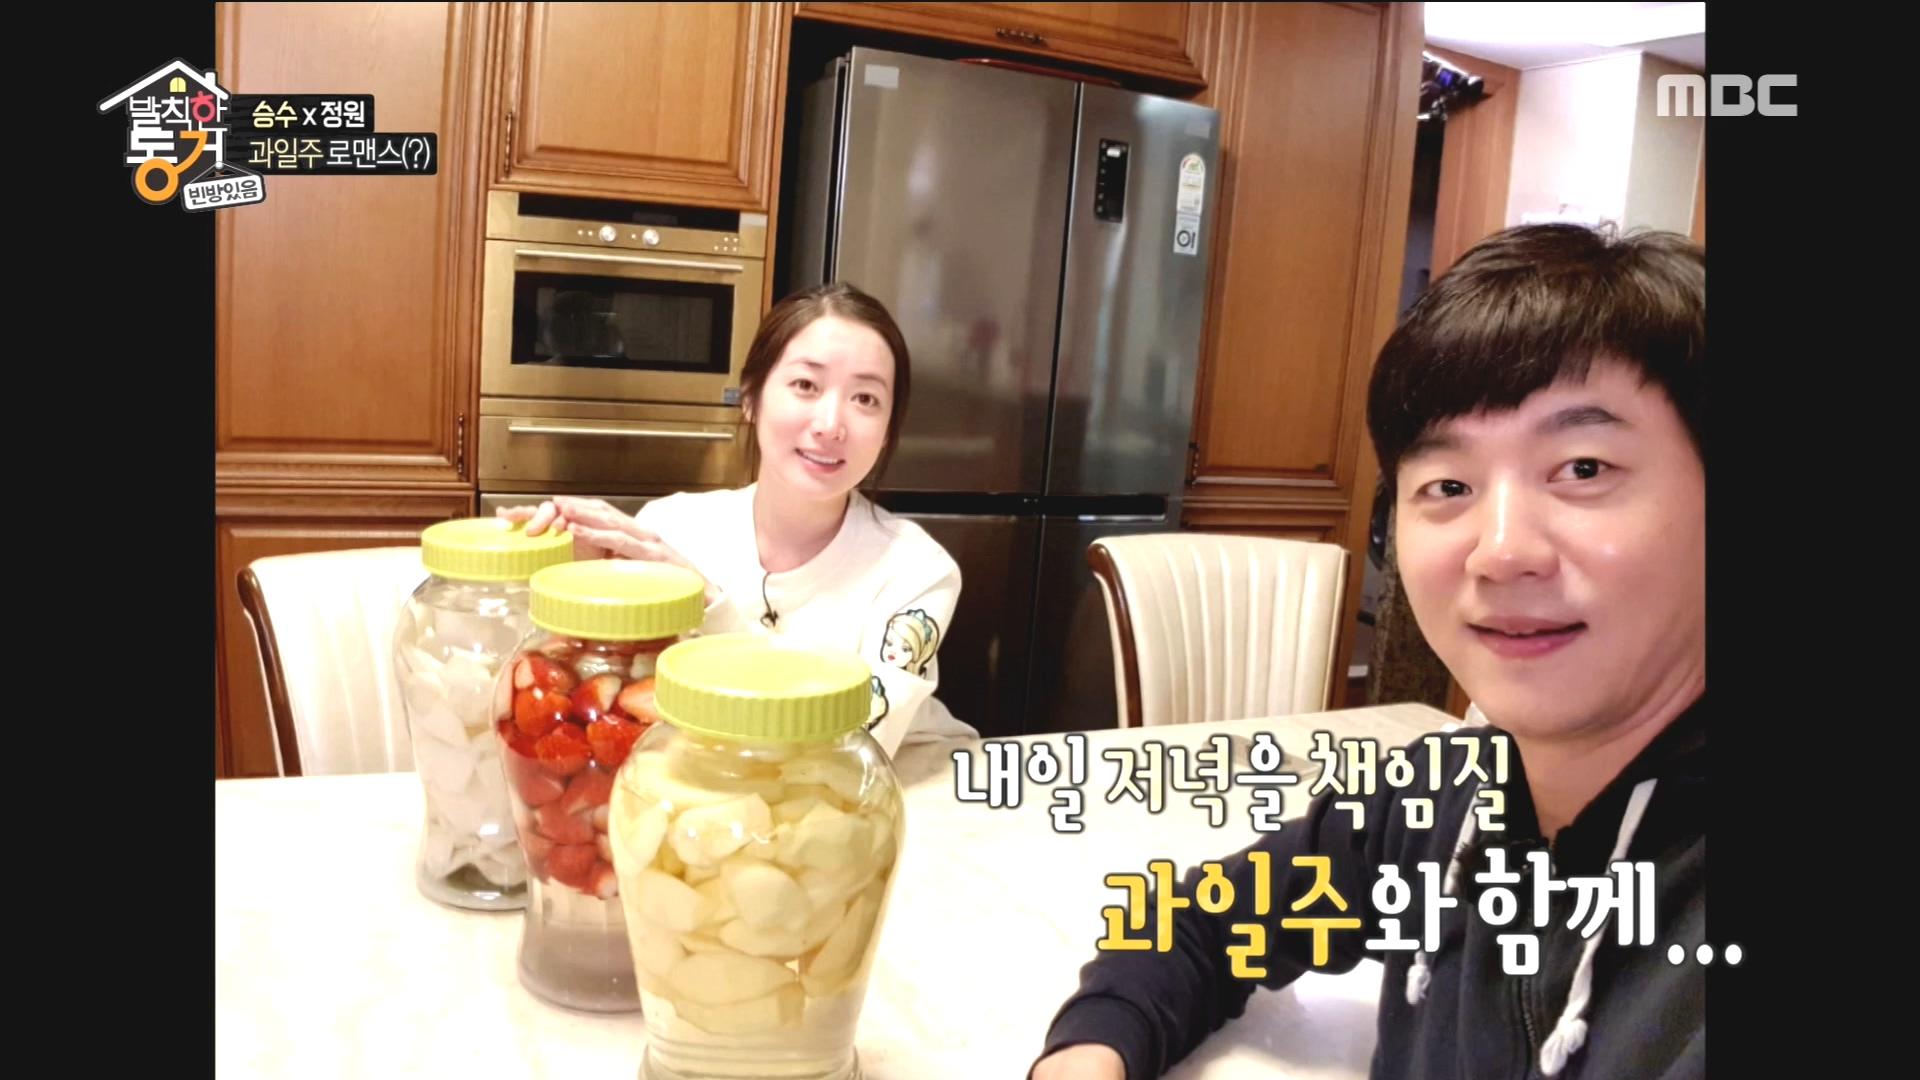 최정원, 승수하우스에 장기체류 확정?! 알콩달콩 과일주♡